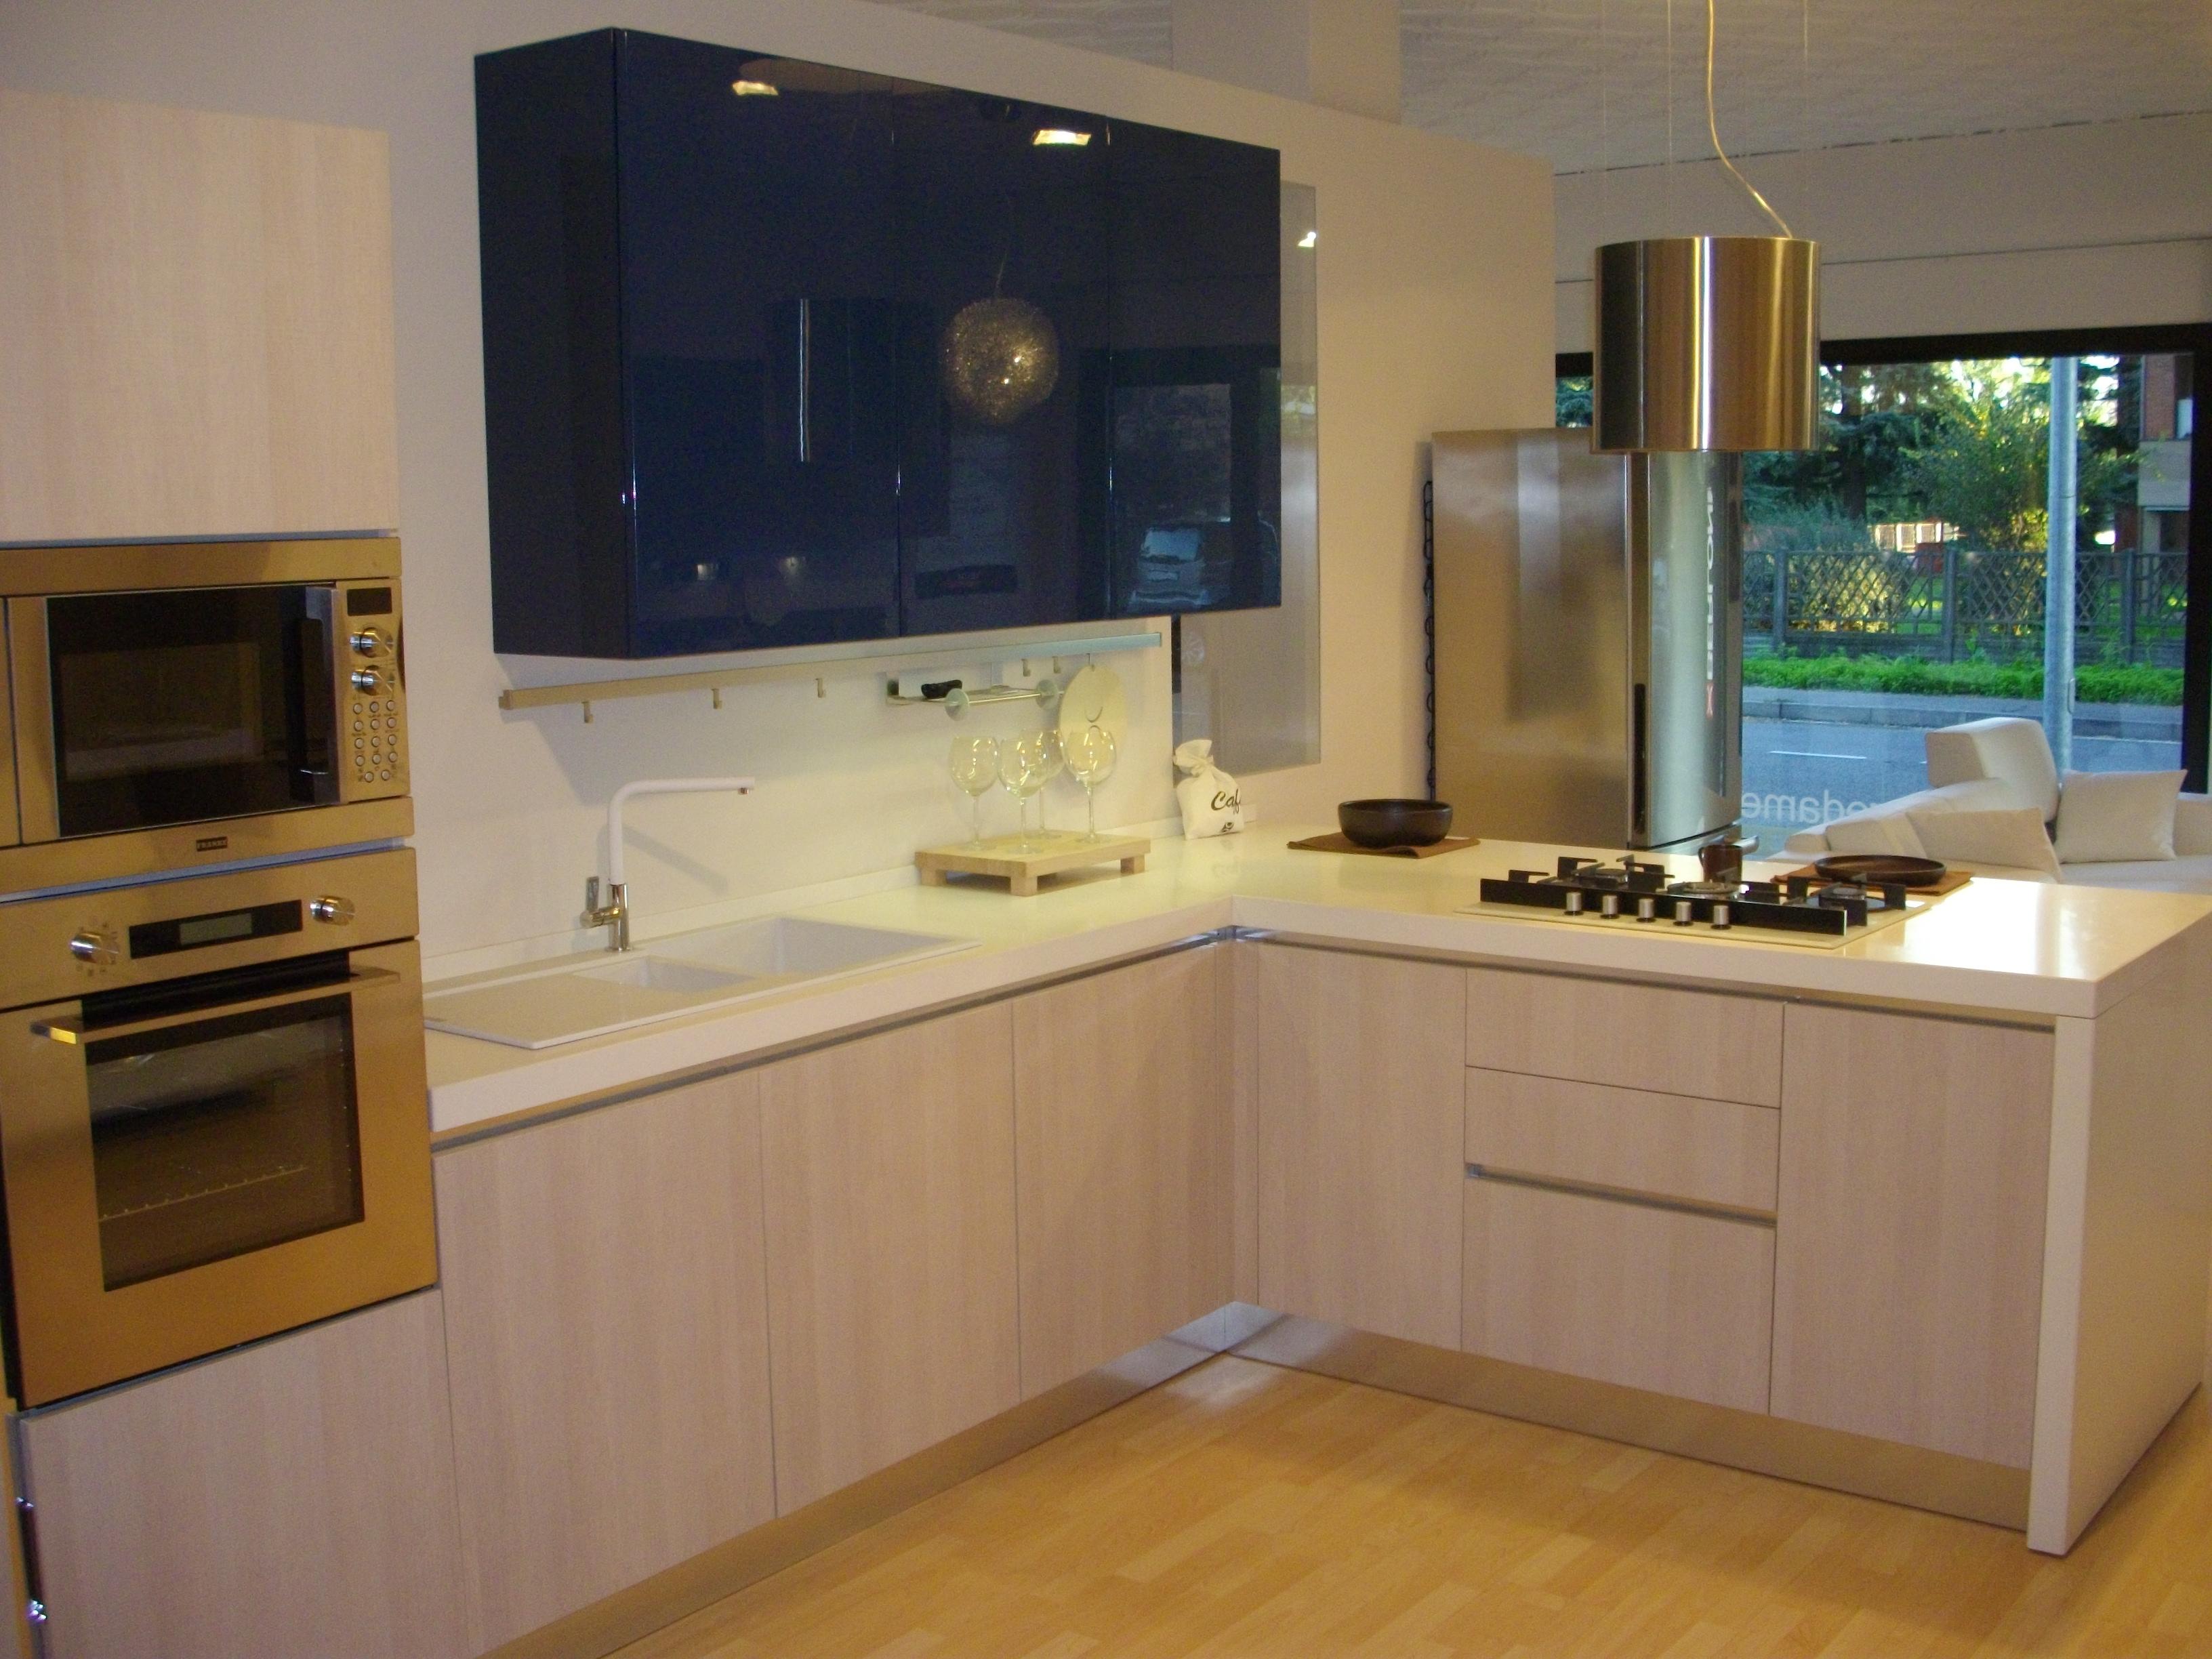 Cucina Berloni Mod.B50 In Occasione Cucine A Prezzi Scontati #976F34 3264 2448 Berloni O Veneta Cucine